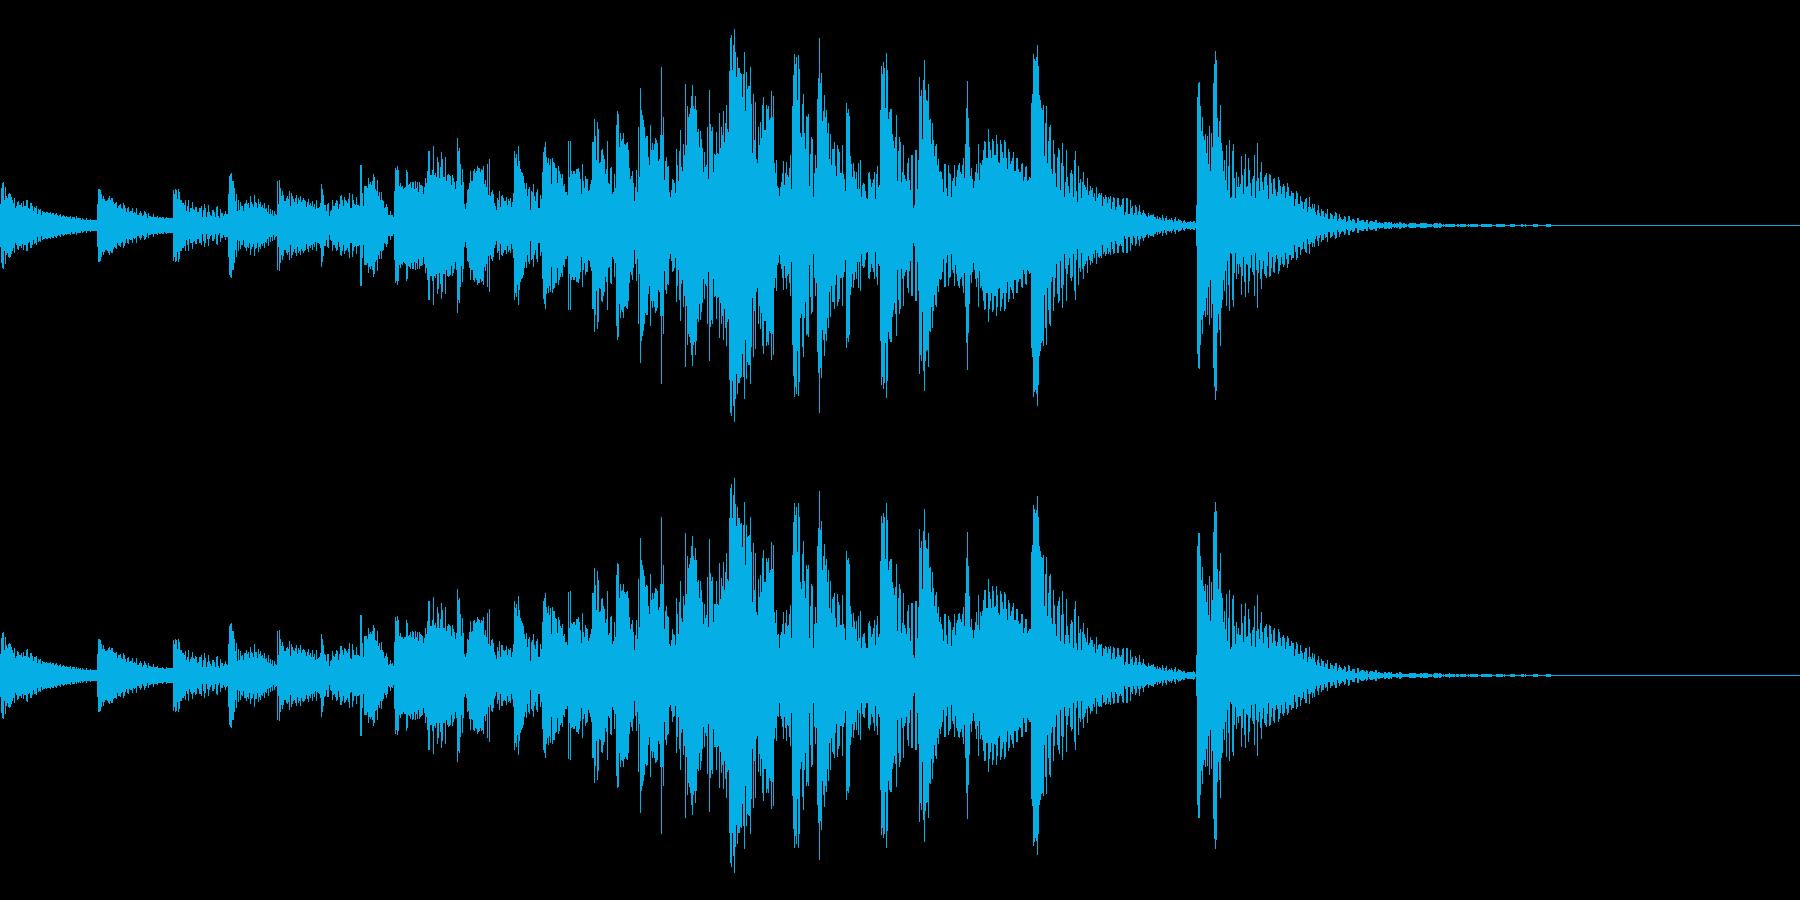 音侍「ドンドン・・」吊り太鼓の長め連打音の再生済みの波形